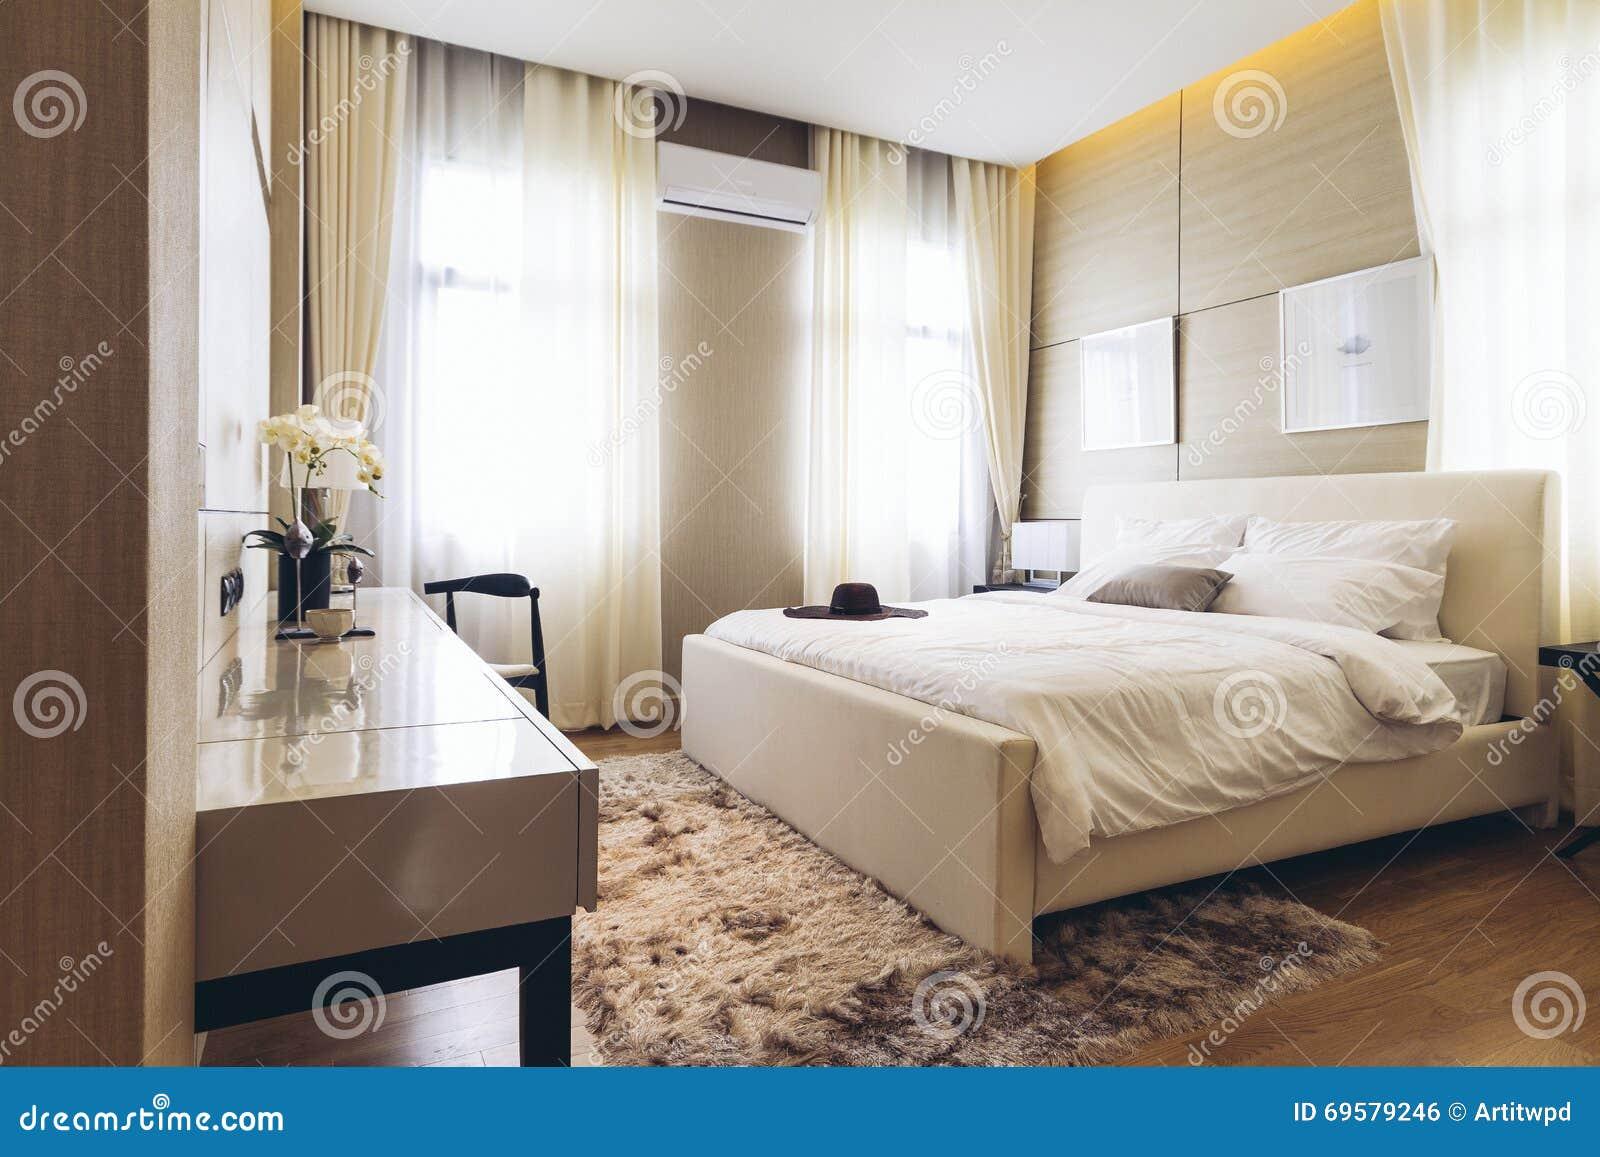 Italian Modern Model House : Bedroom